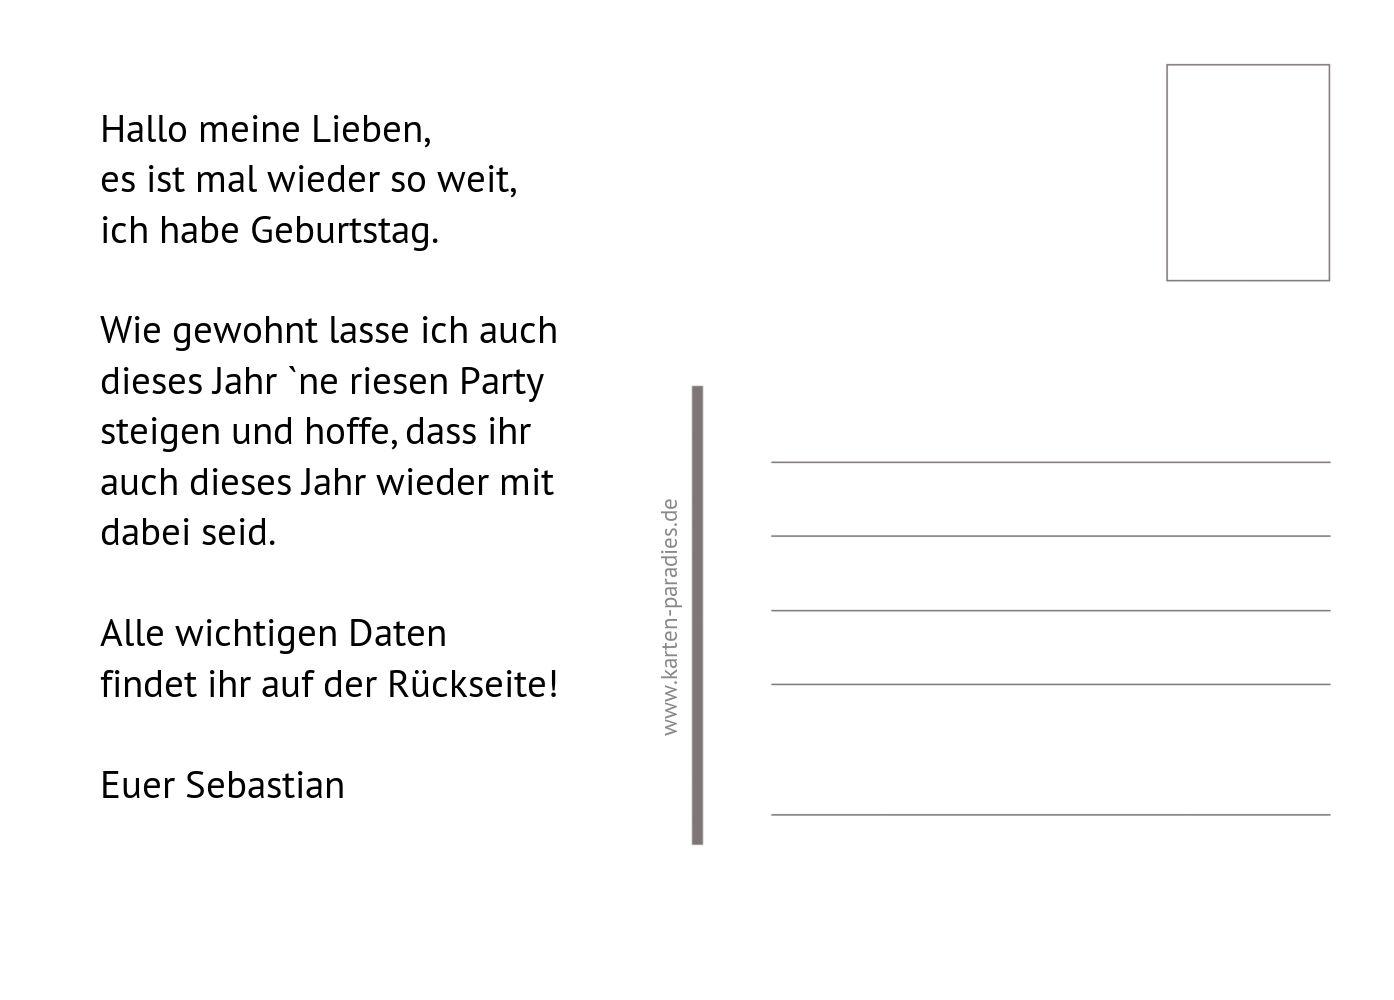 Ansicht 3 - Einladung Partyeinladungsbescheinigung